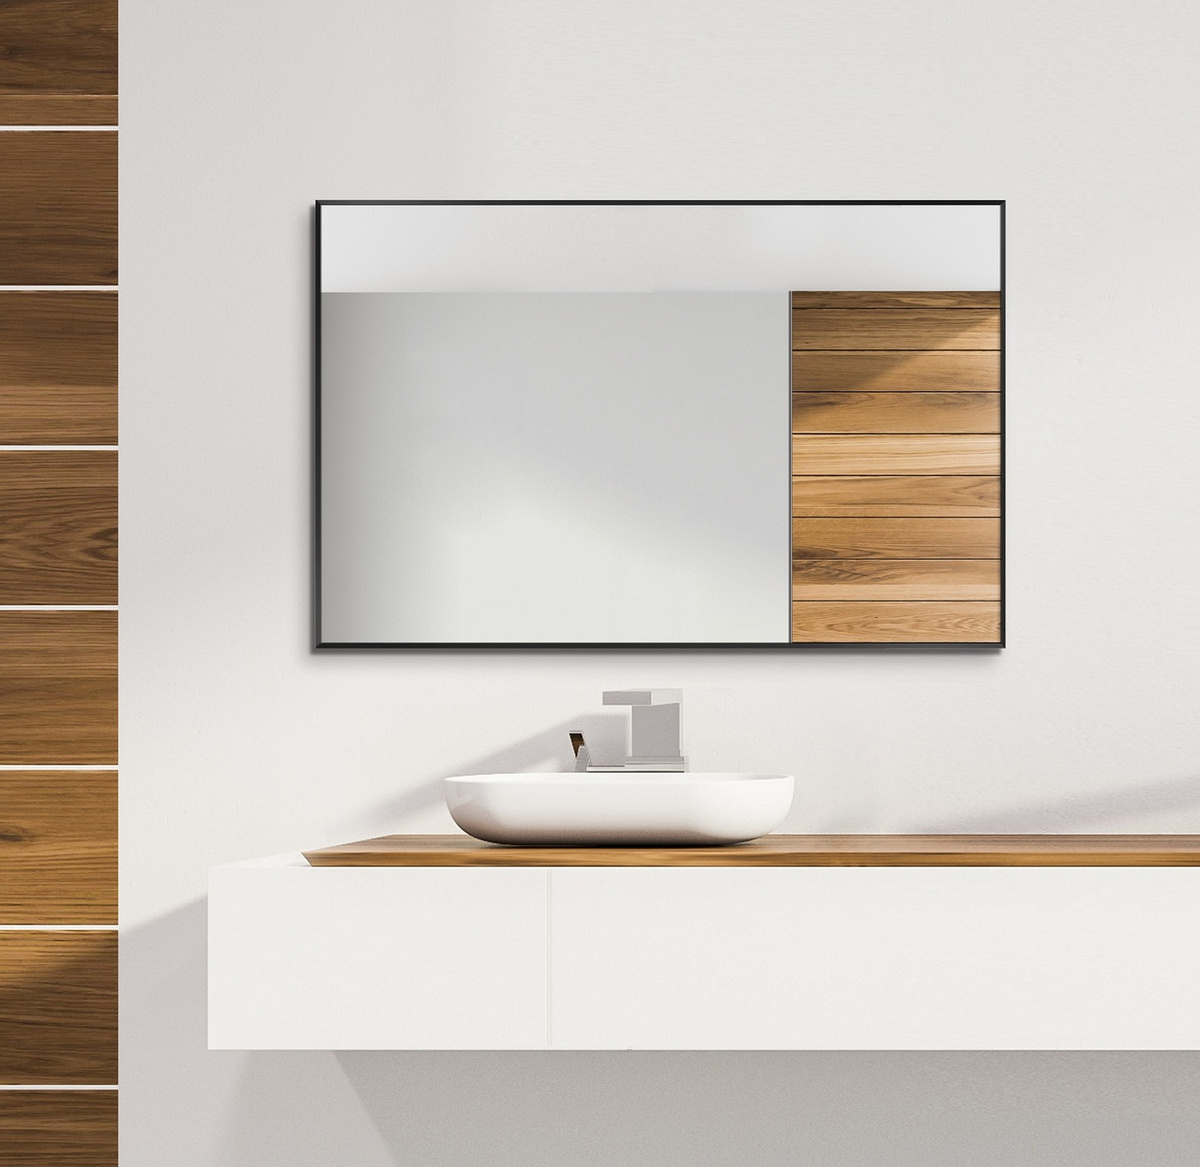 """Зеркало настенное, Зеркало интерьерное TODA ALMA """"Цвет рамы- черный"""", 81 см х 92 см, 1 шт  #1"""